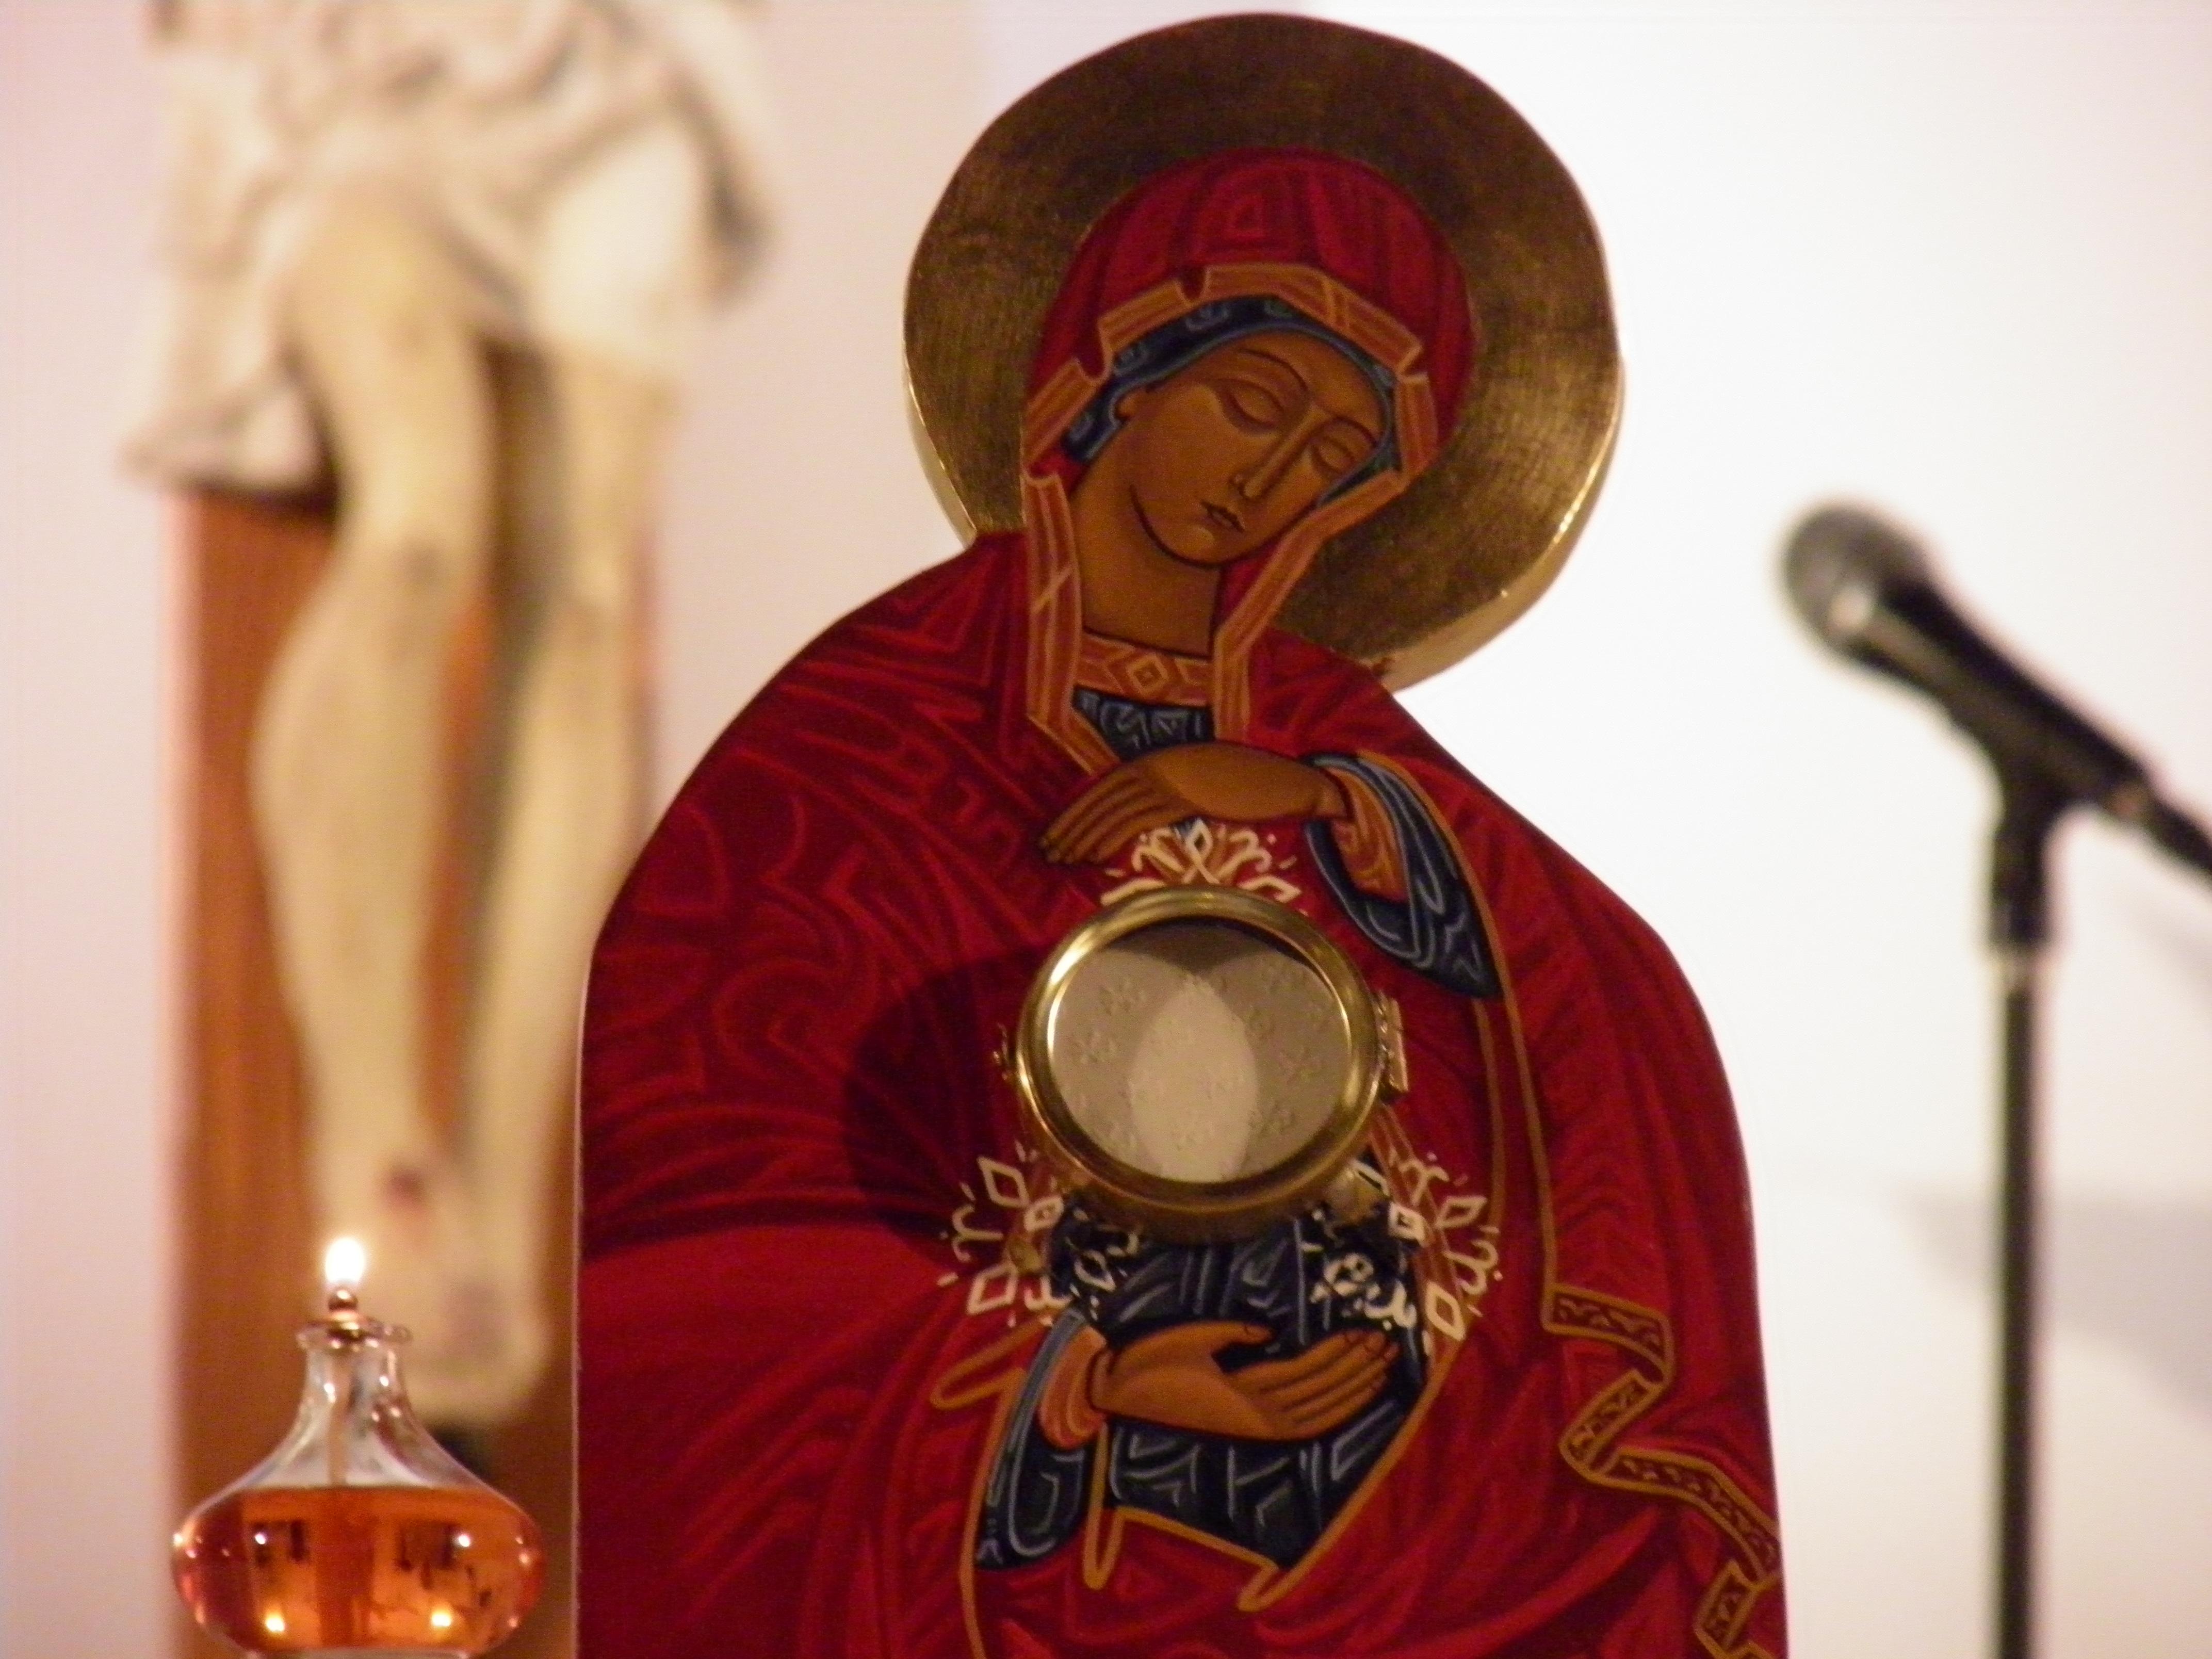 Maria adulta en la fe